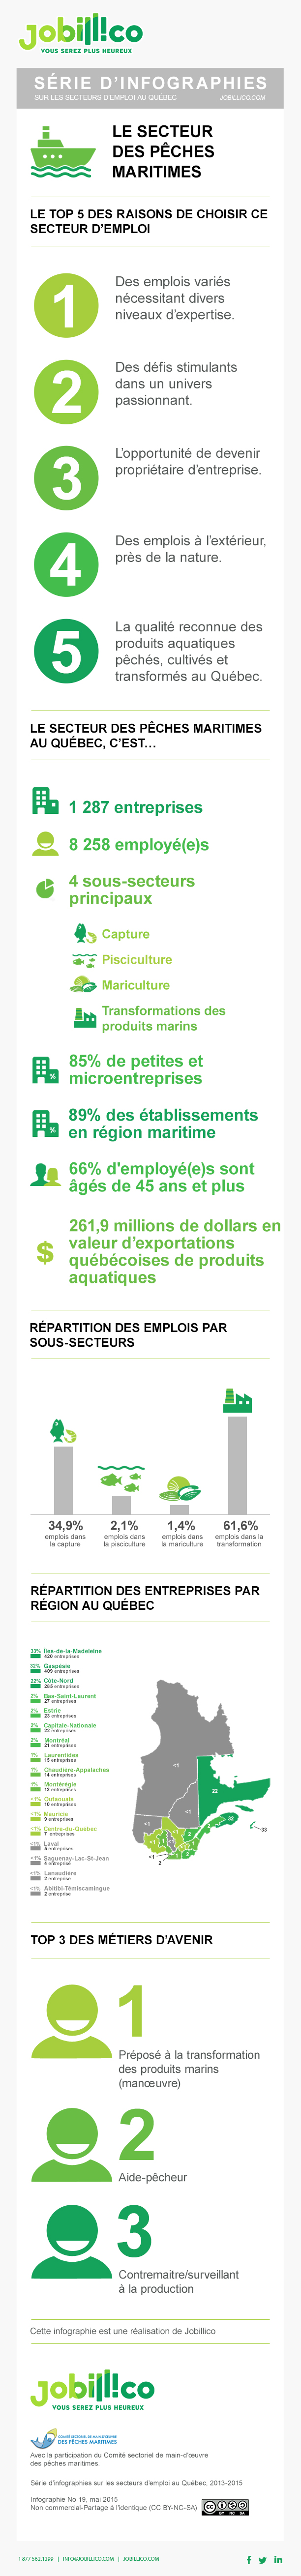 Infographie : Les chiffes de l'emploi dans le secteur des pêches maritimes au Québec